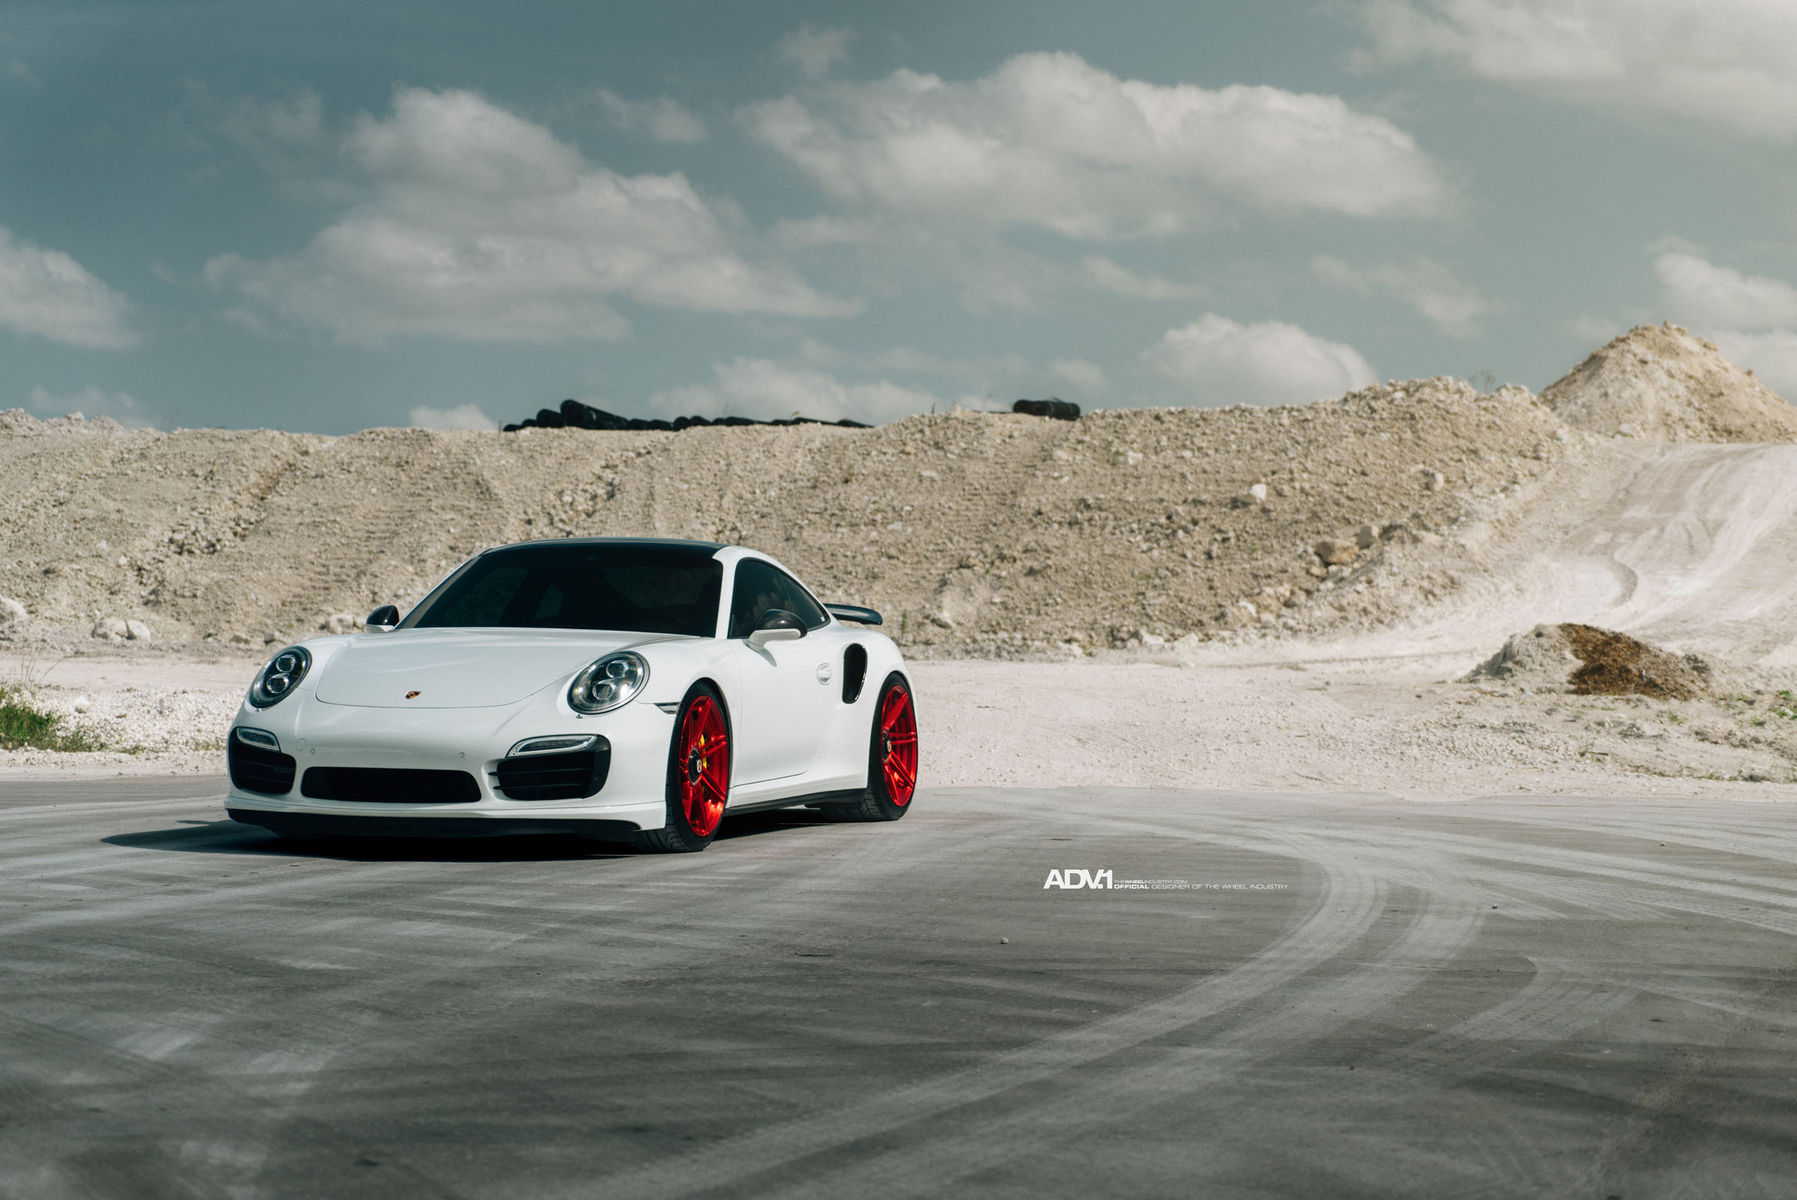 2015 Porsche 911   ADV.1 Wheels Porsche 991 Turbo S